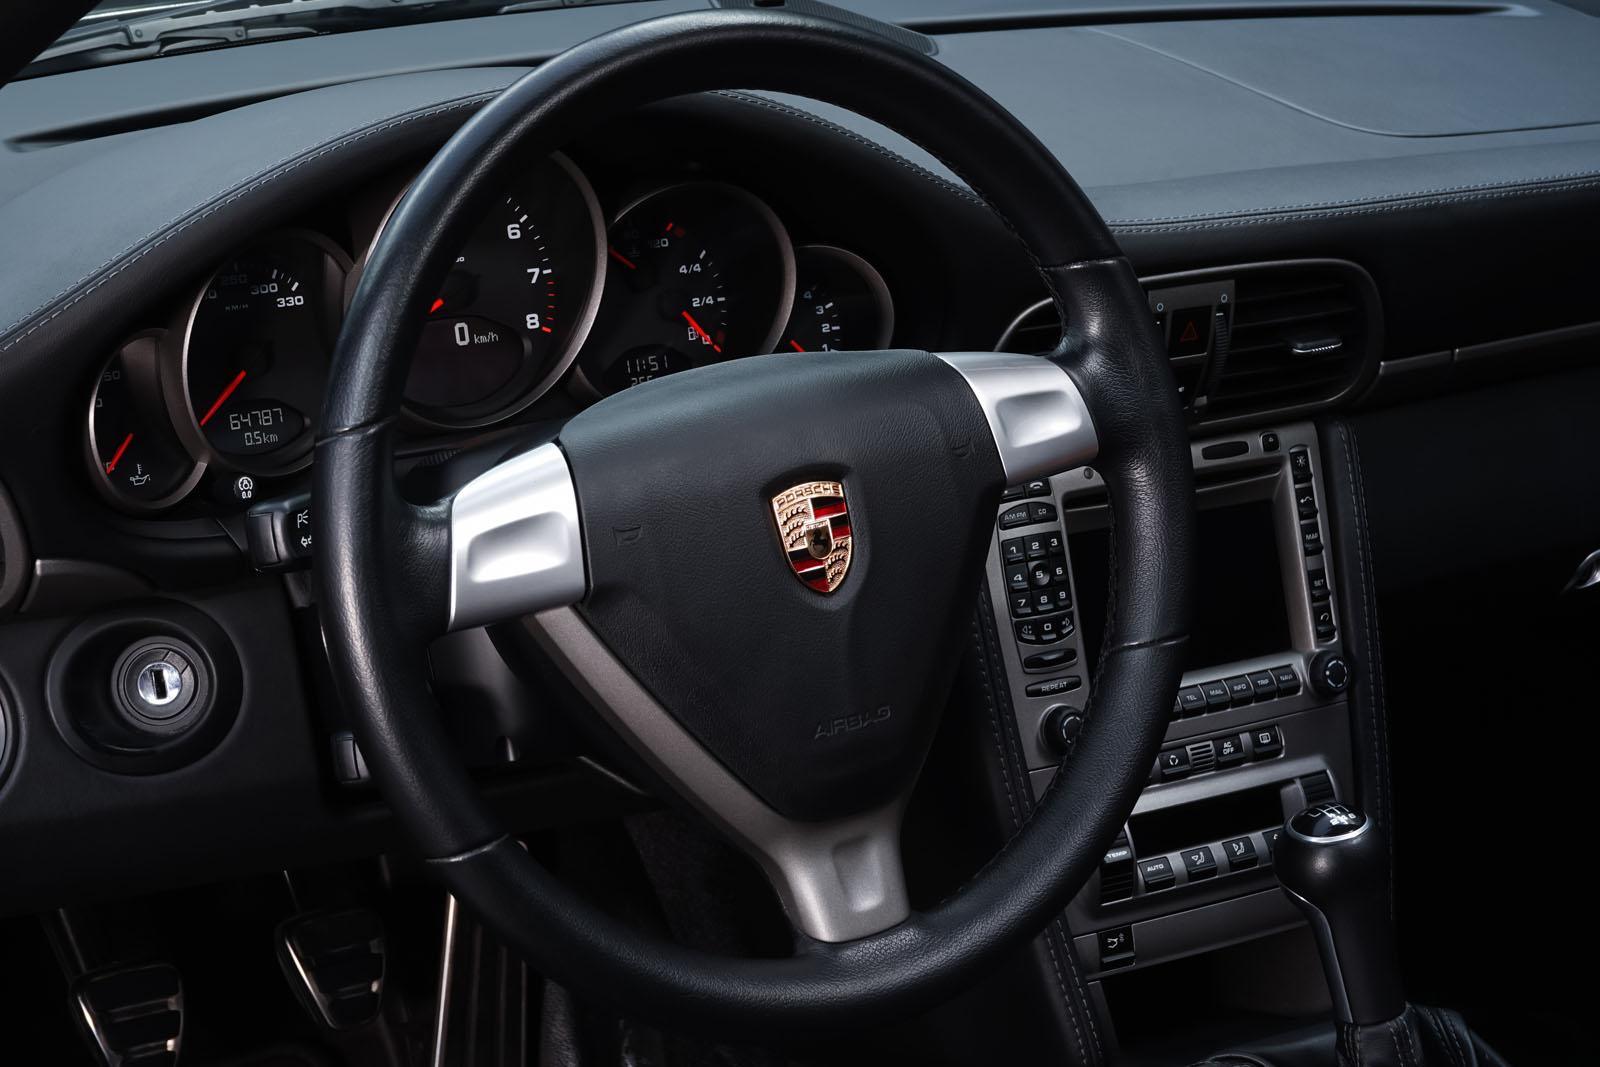 Porsche_997_C2_Schwarz_Schwarz_POR-3384_10_w